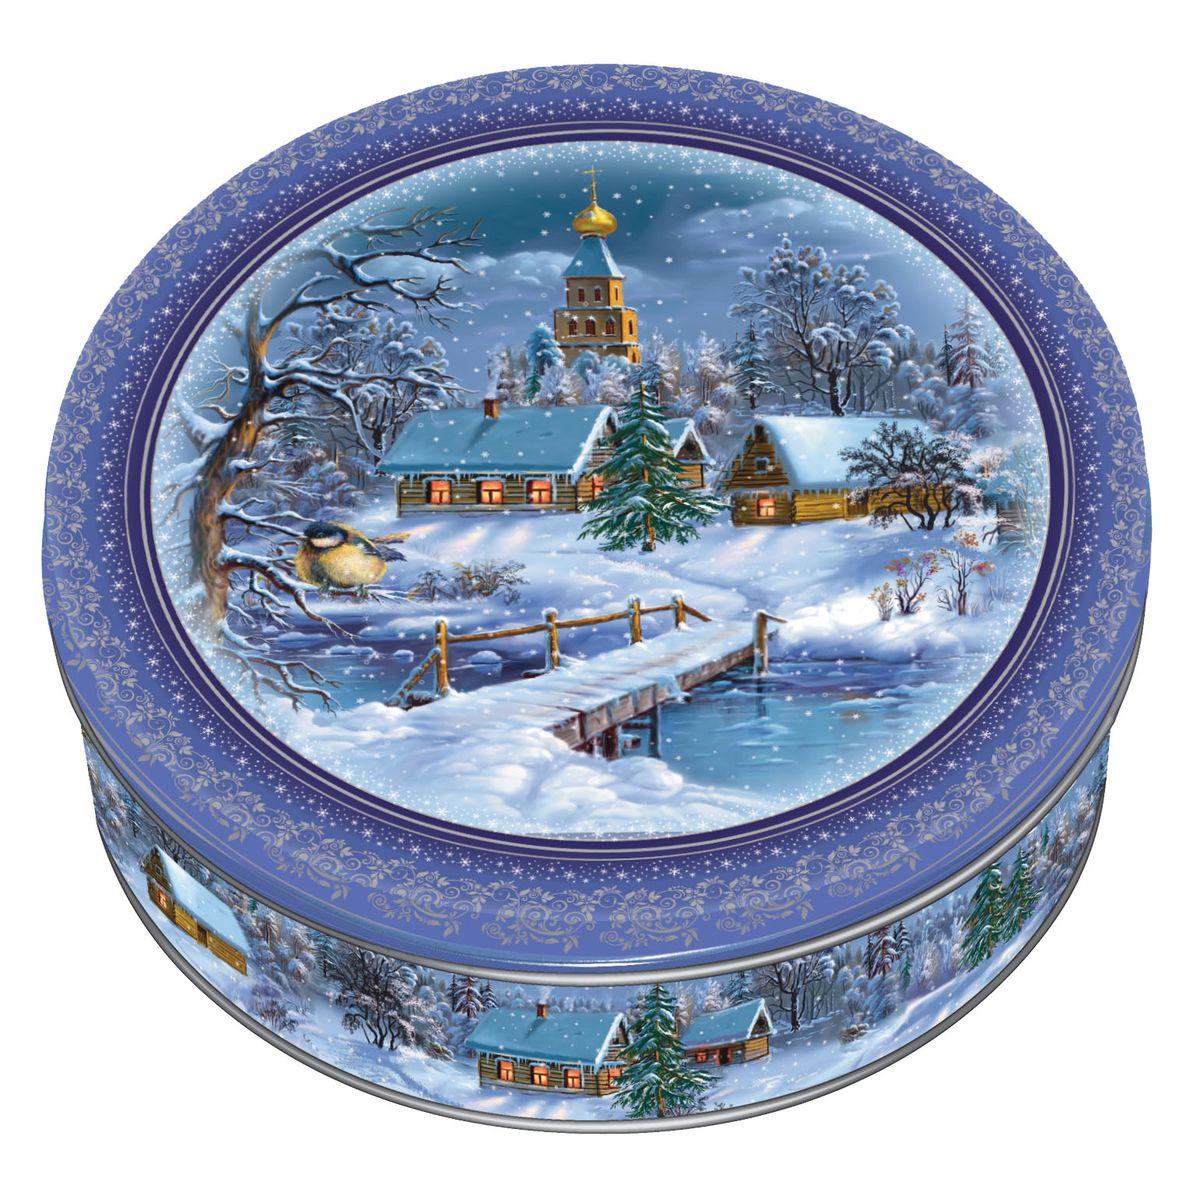 Сладкая Сказка Печенье Зимний вечер, 400 гMC-4-20Зимний вечер — это вкуснейшее сдобное печенье, которое изготавливается из отборных и натуральных ингредиентов.Банки, так же, как и печенье, производятся на российской фабрике МАК-Иваново. Формат 400-граммовой упаковки идеально подходит для того, чтобы преподнести печенье в подарок. Оно расфасовано в бумажные корзиночки: его удобно доставать, и оно не крошится на одежду. А яркую красивую банку после того, как печенье закончится, можно использовать в качестве декоративной шкатулки.На крышке изображен зимний вечер — дом с теплым уютным светом, струящимся из окон, в который так и хочется зайти, а вокруг белоснежные сугробы пушистого снега и опускающиеся сумерки.